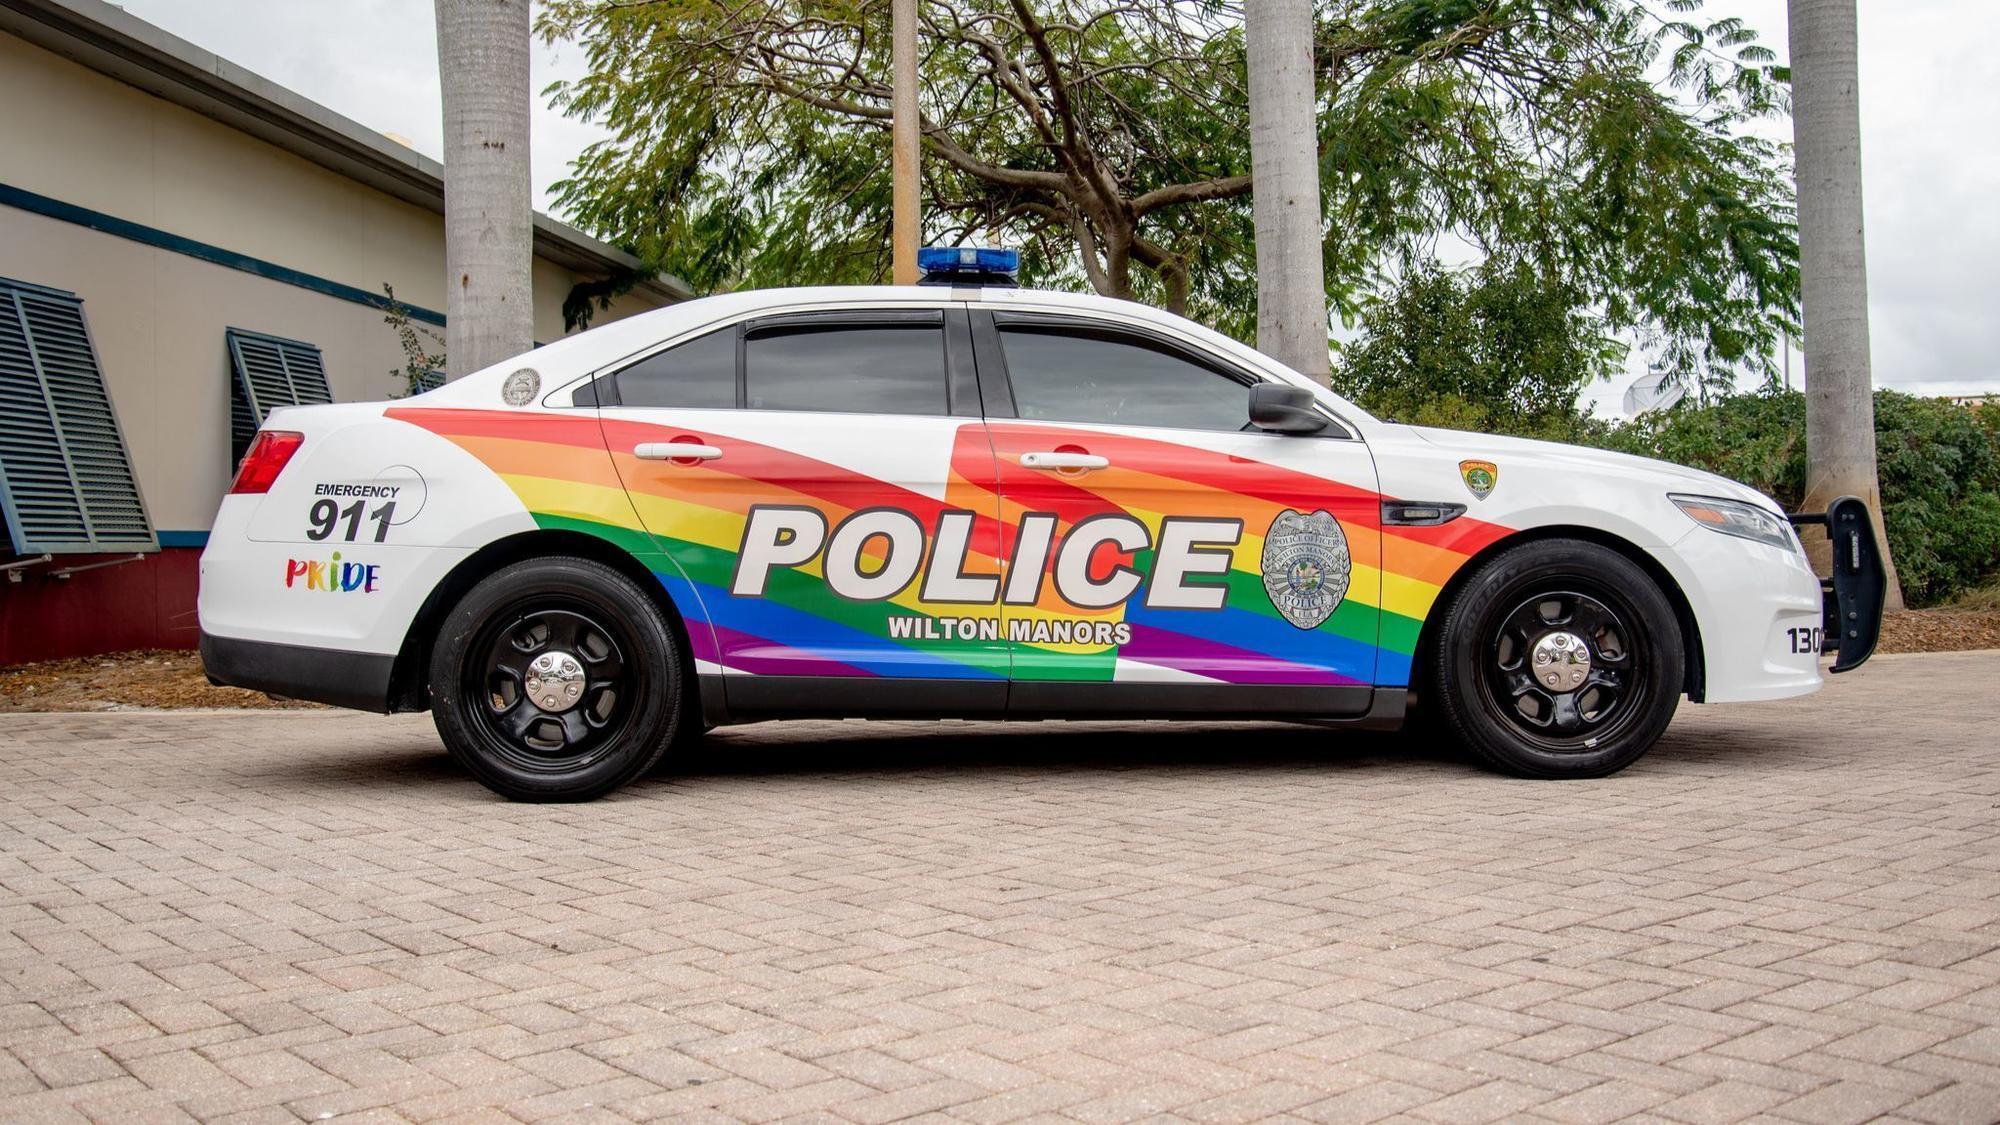 South Florida S Lgbt Capital Has A New Rainbow Police Car Sun Sentinel